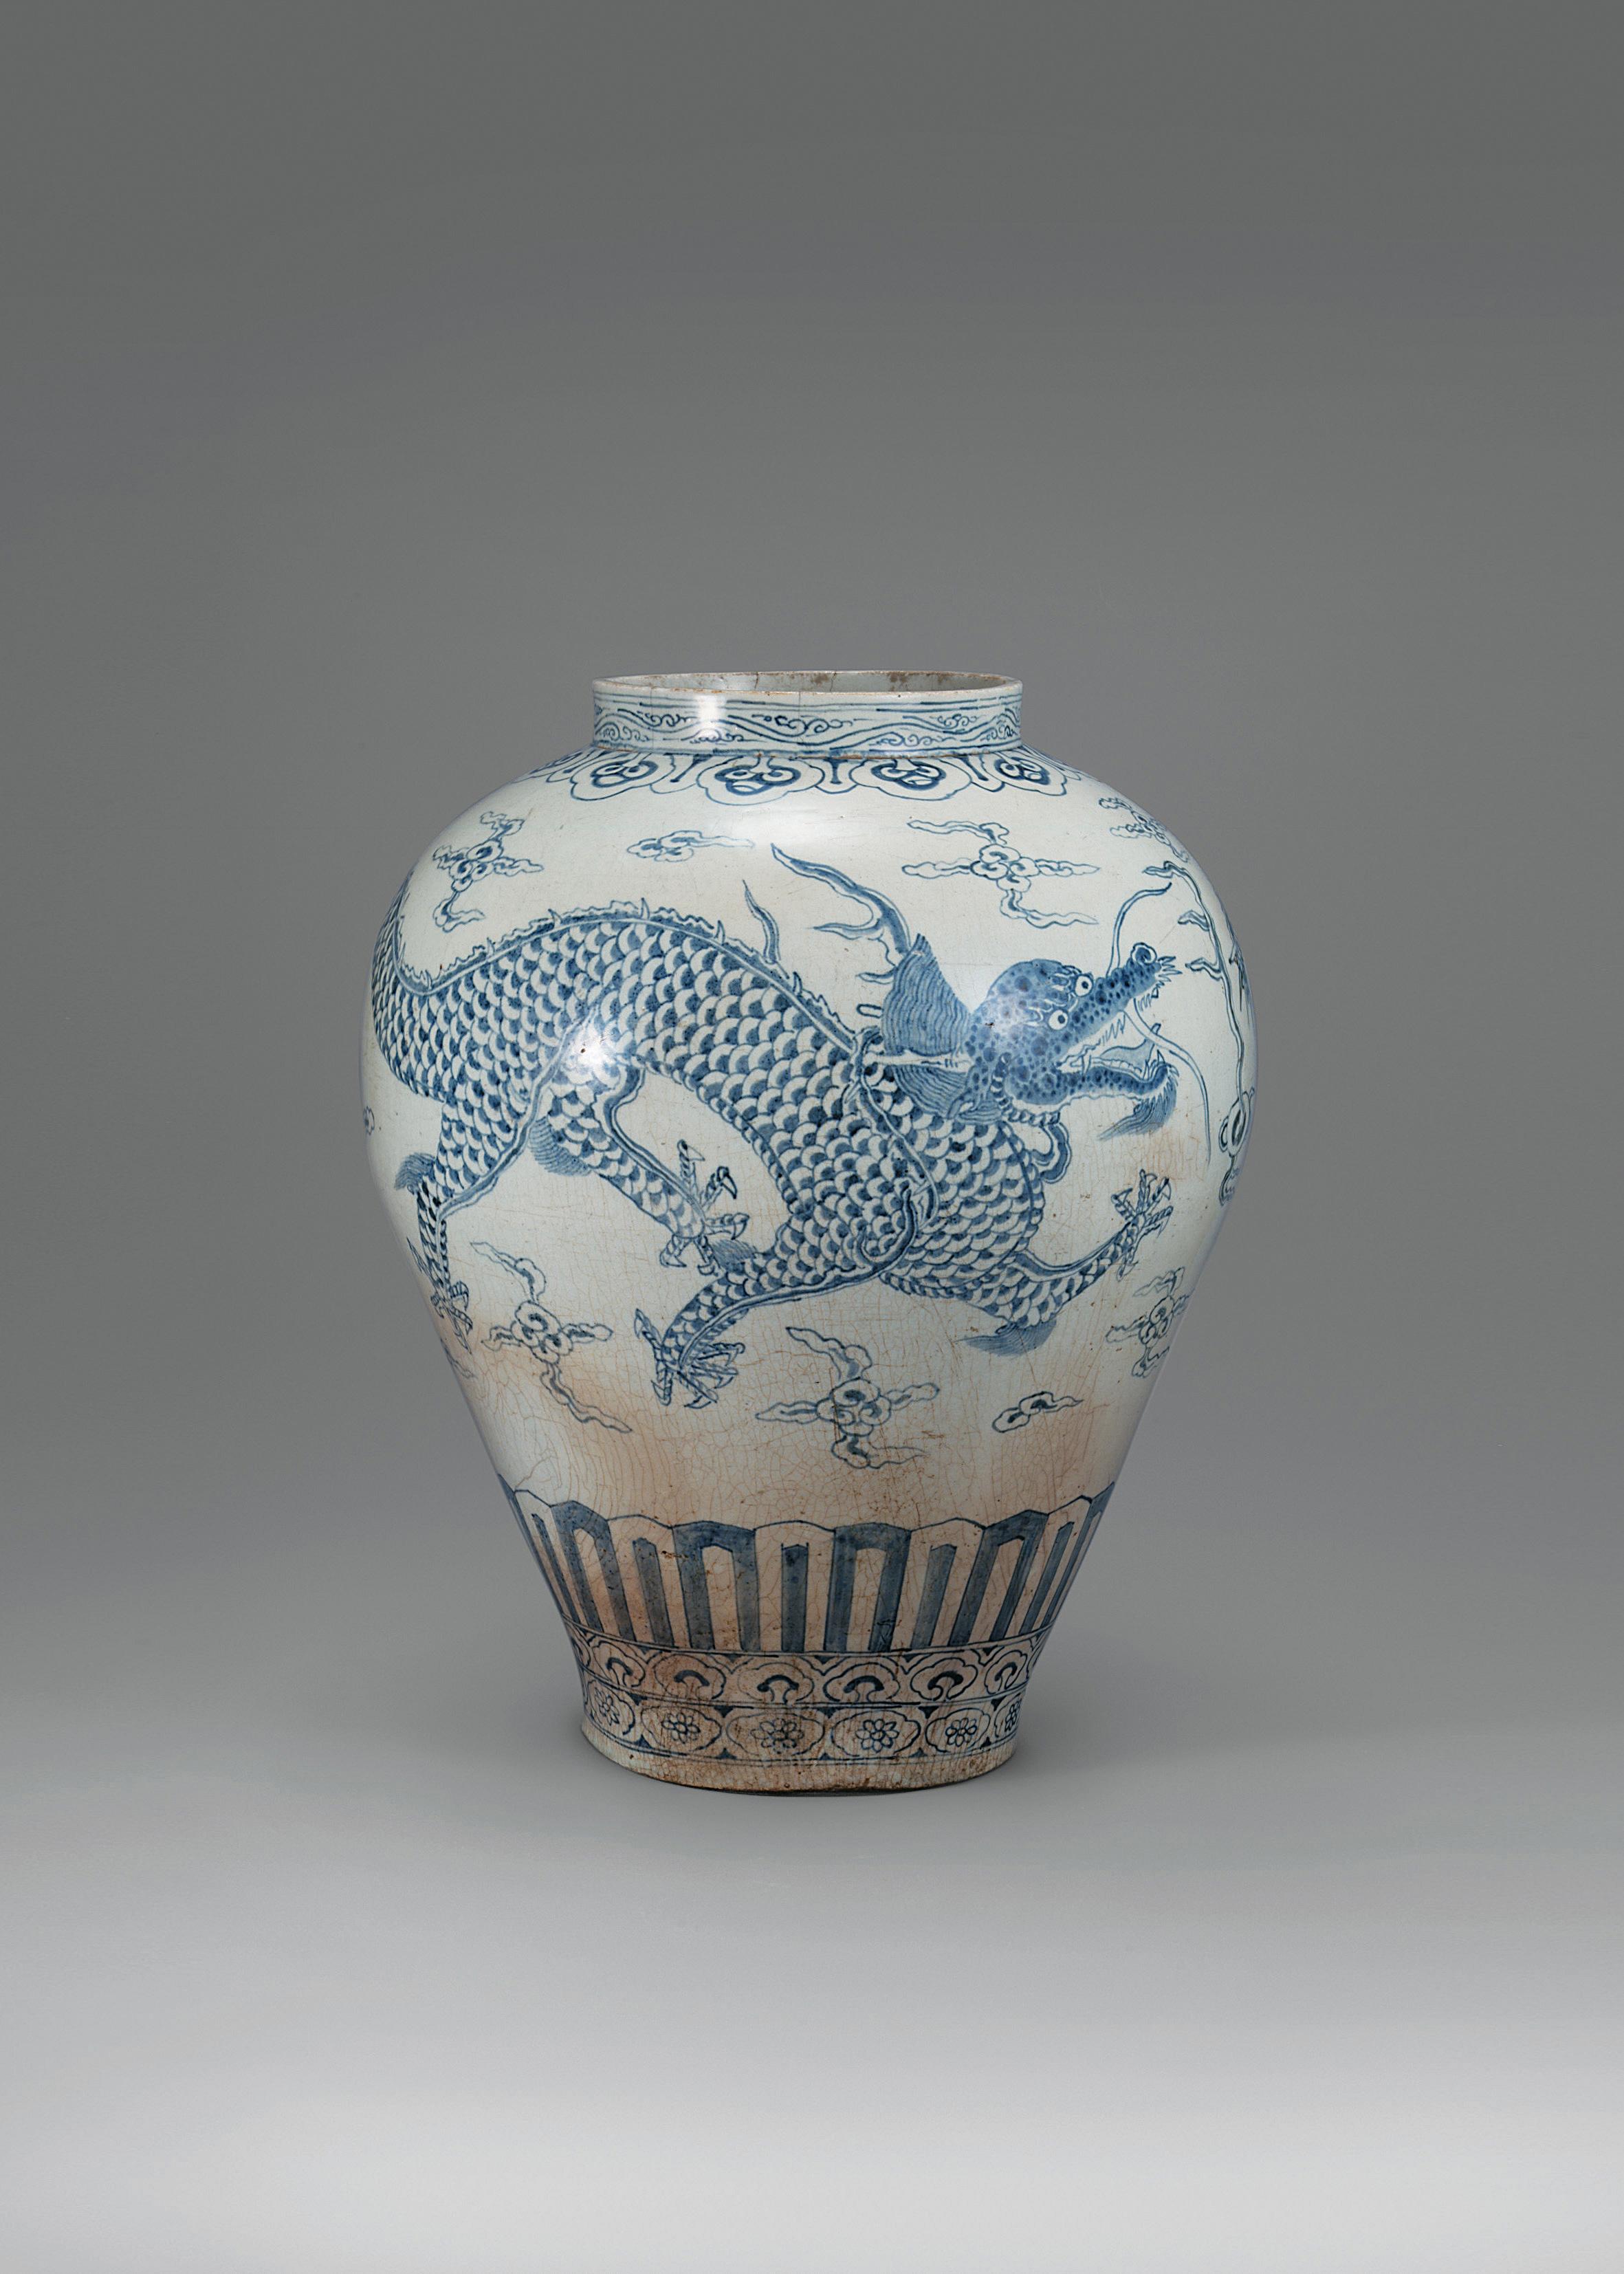 Jarra em porcelana azul e branca